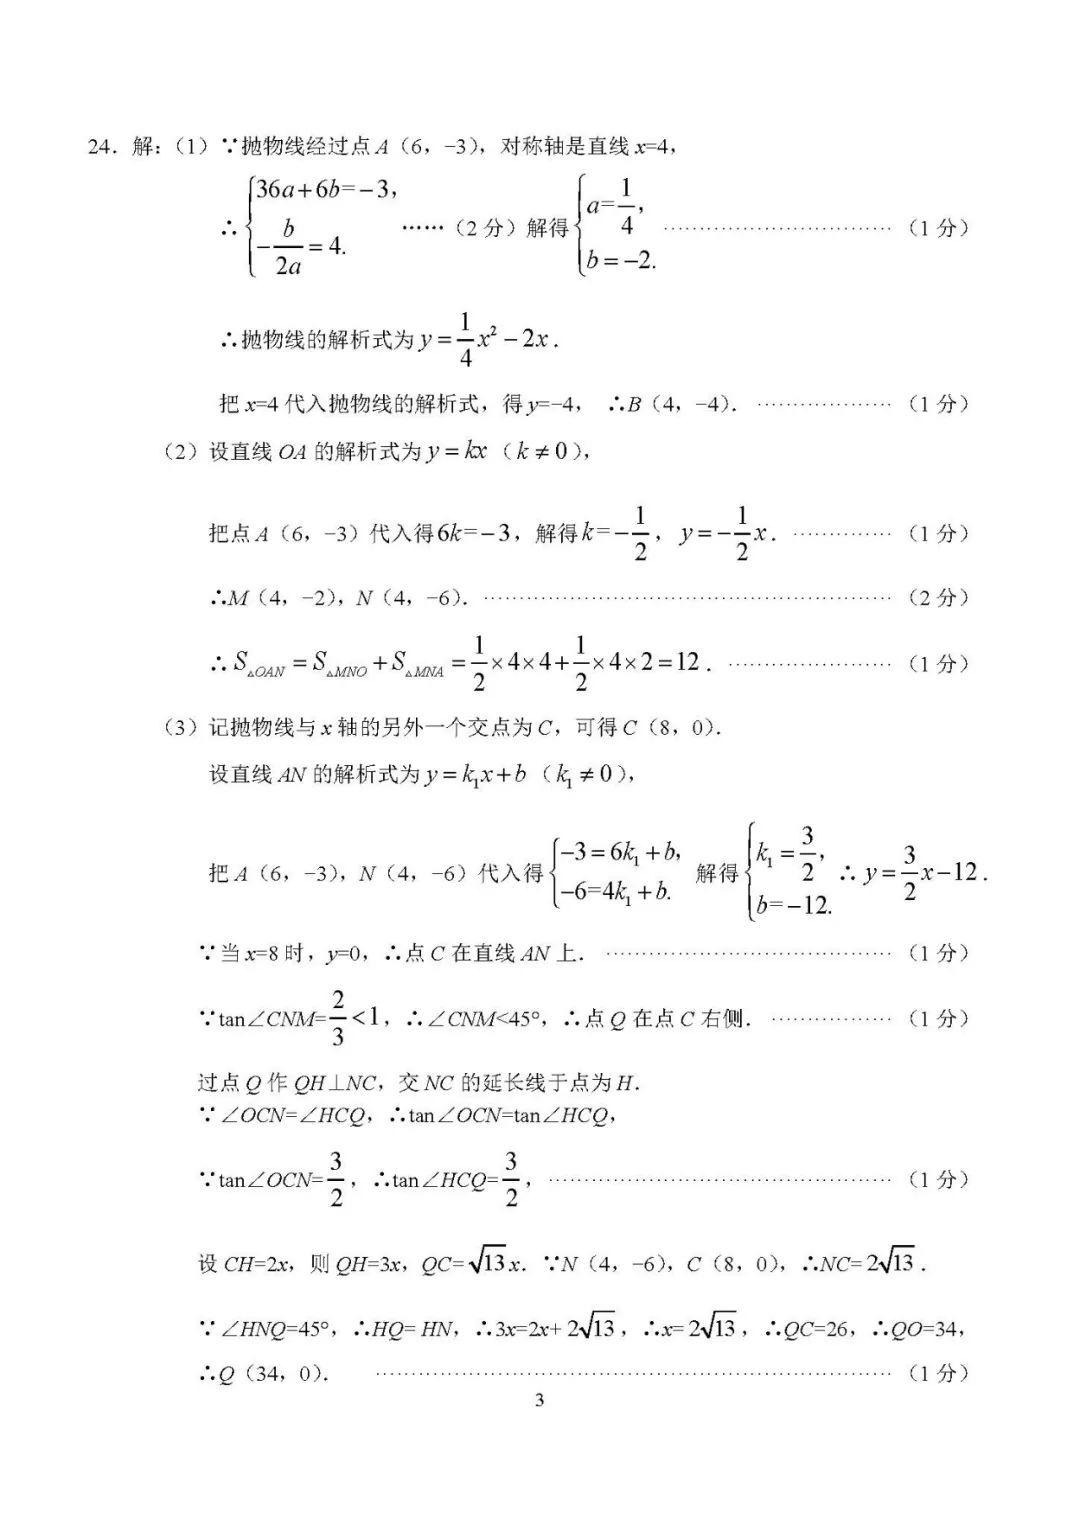 2019上海青浦中考二模数学试题及答案